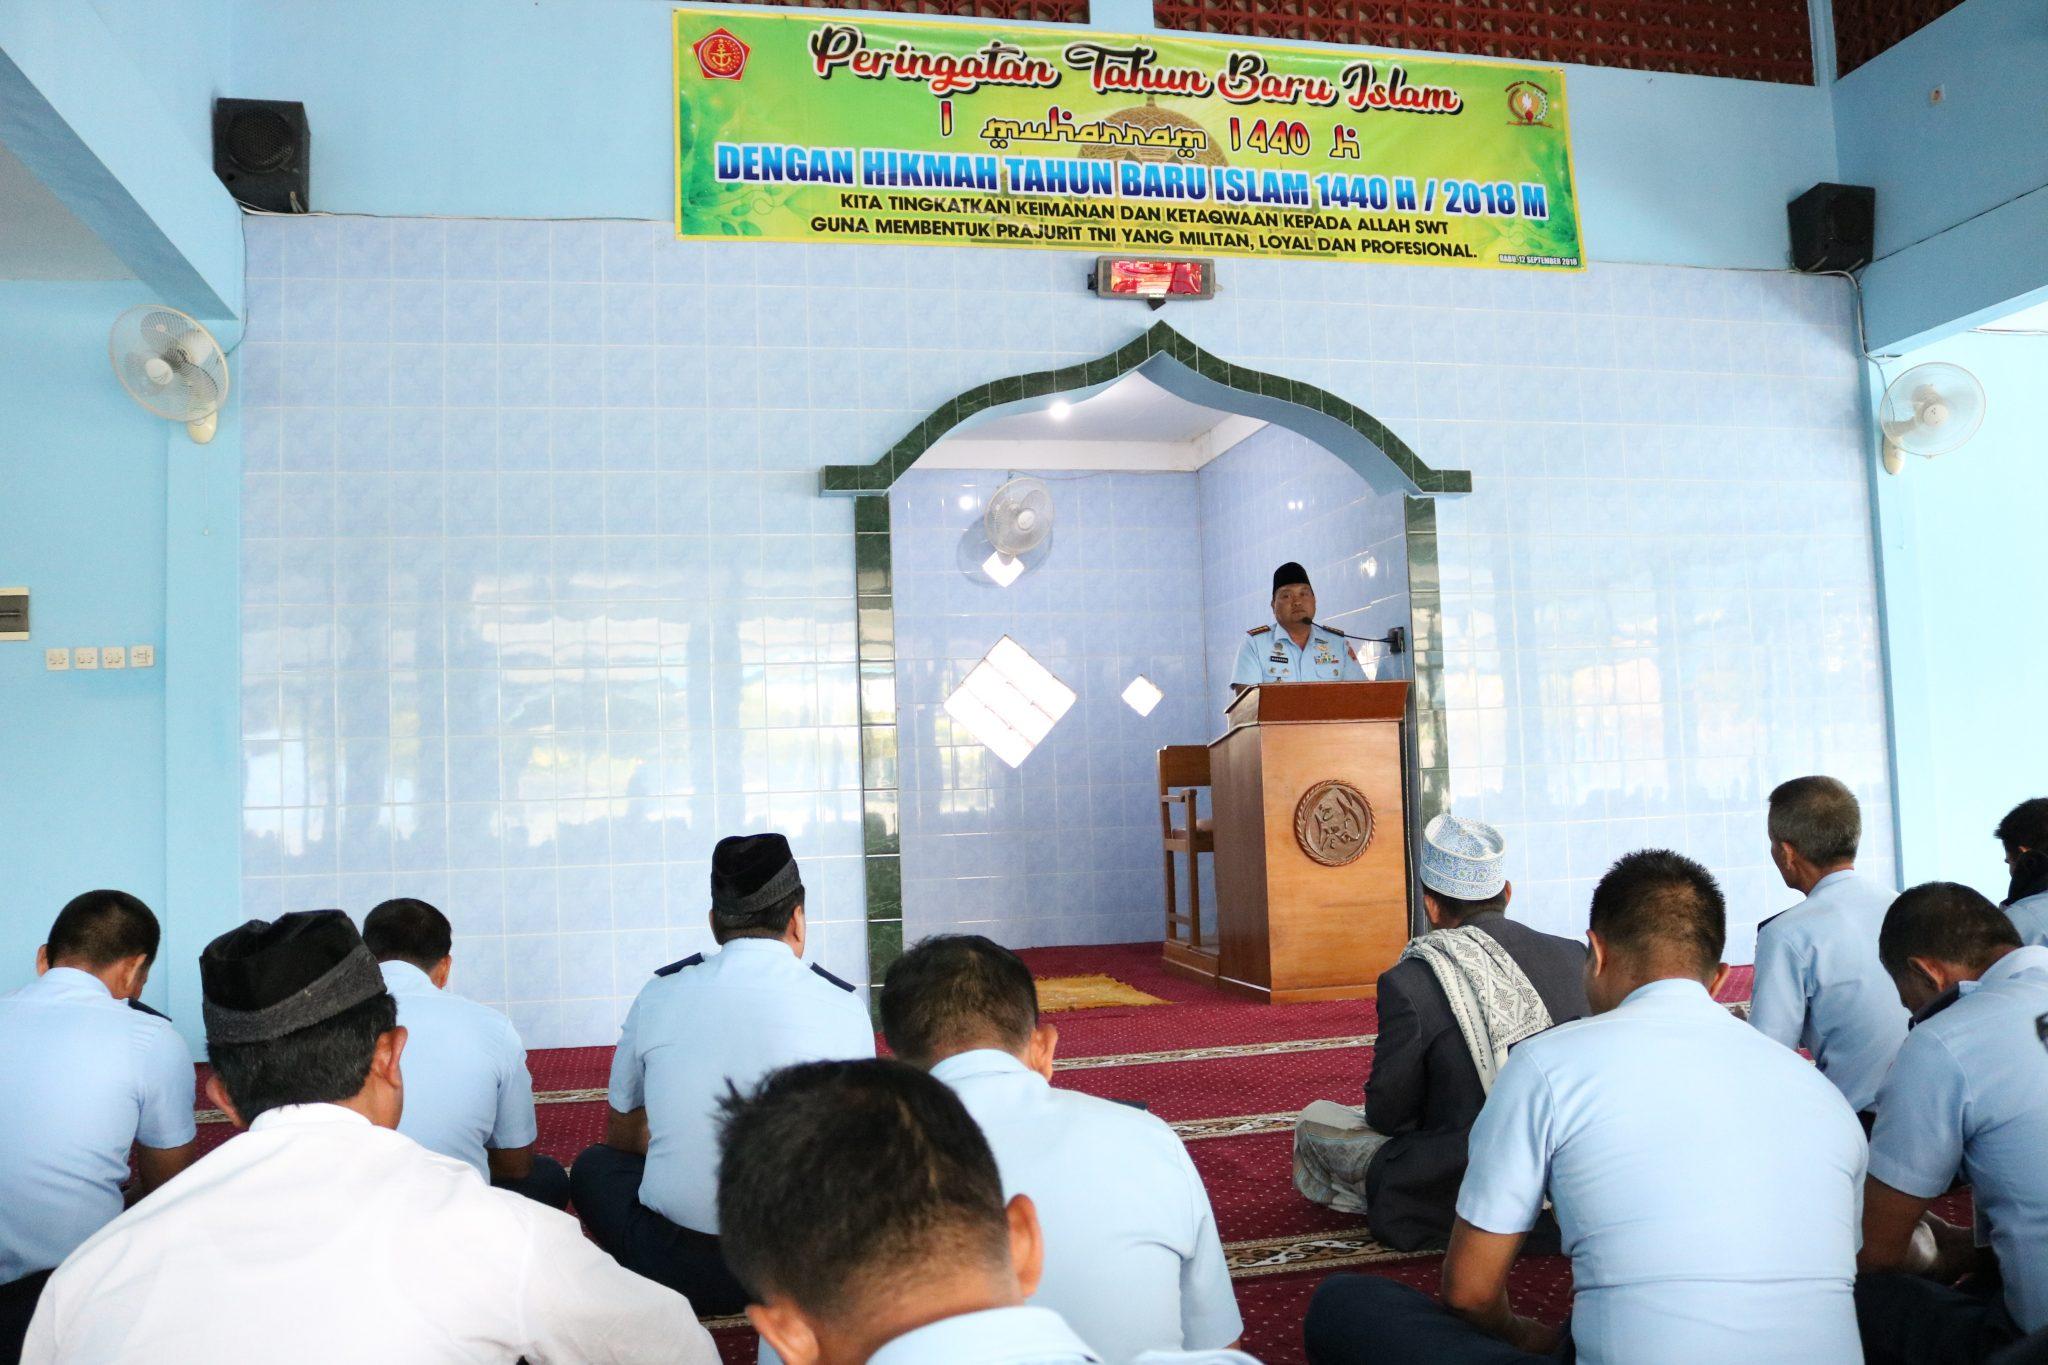 Peringatan Tahun Baru Islam 1440 Hijriyah di Pusdiklathanudnas Surabaya